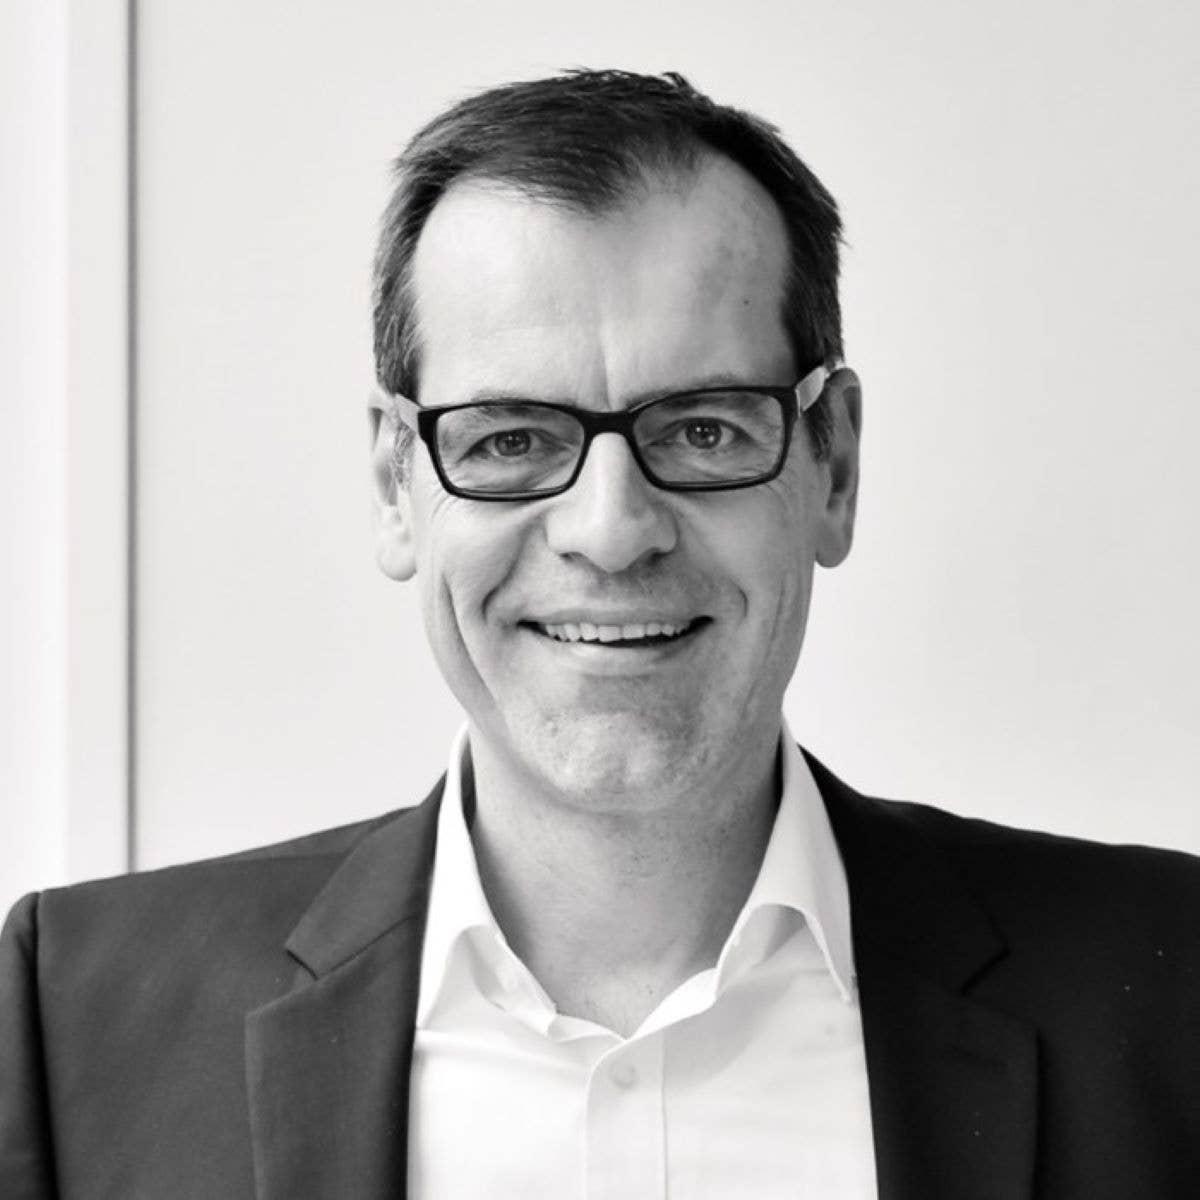 Jens Erichsen